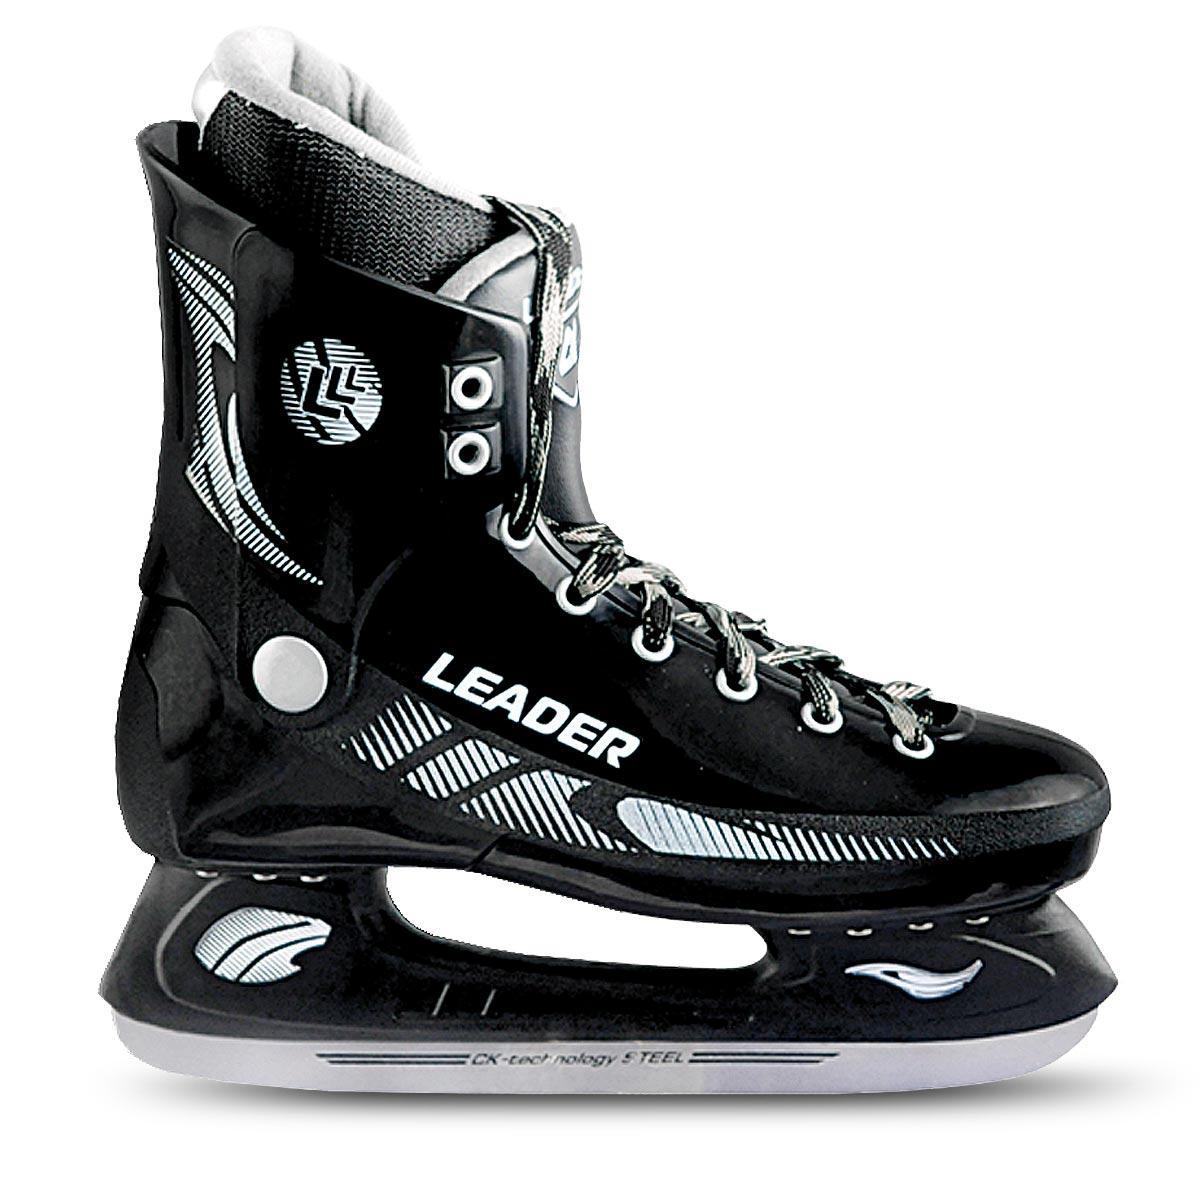 Коньки хоккейные для мальчика СК Leader, цвет: черный. Размер 33Atemi Force 3.0 2012 Black-GrayСтильные коньки для мальчика от CK Leader с ударопрочной защитной конструкцией прекрасно подойдут для начинающих игроков в хоккей. Ботинки изготовлены из морозостойкого пластика, который защитит ноги от ударов. Верх изделия оформлен шнуровкой, которая надежно фиксируют голеностоп. Внутренний сапожок, выполненный из комбинации капровелюра и искусственной кожи, обеспечит тепло и комфорт во время катания. Подкладка и стелька исполнены из текстиля. Голеностоп имеет удобный суппорт. Усиленная двух-стаканная рама с одной из боковых сторон коньки декорирована принтом, а на язычке - тиснением в виде логотипа бренда.Подошва - из твердого ПВХ. Фигурное лезвие изготовлено из нержавеющей углеродистой стали со специальным покрытием, придающим дополнительную прочность. Стильные коньки придутся по душе вашему ребенку.